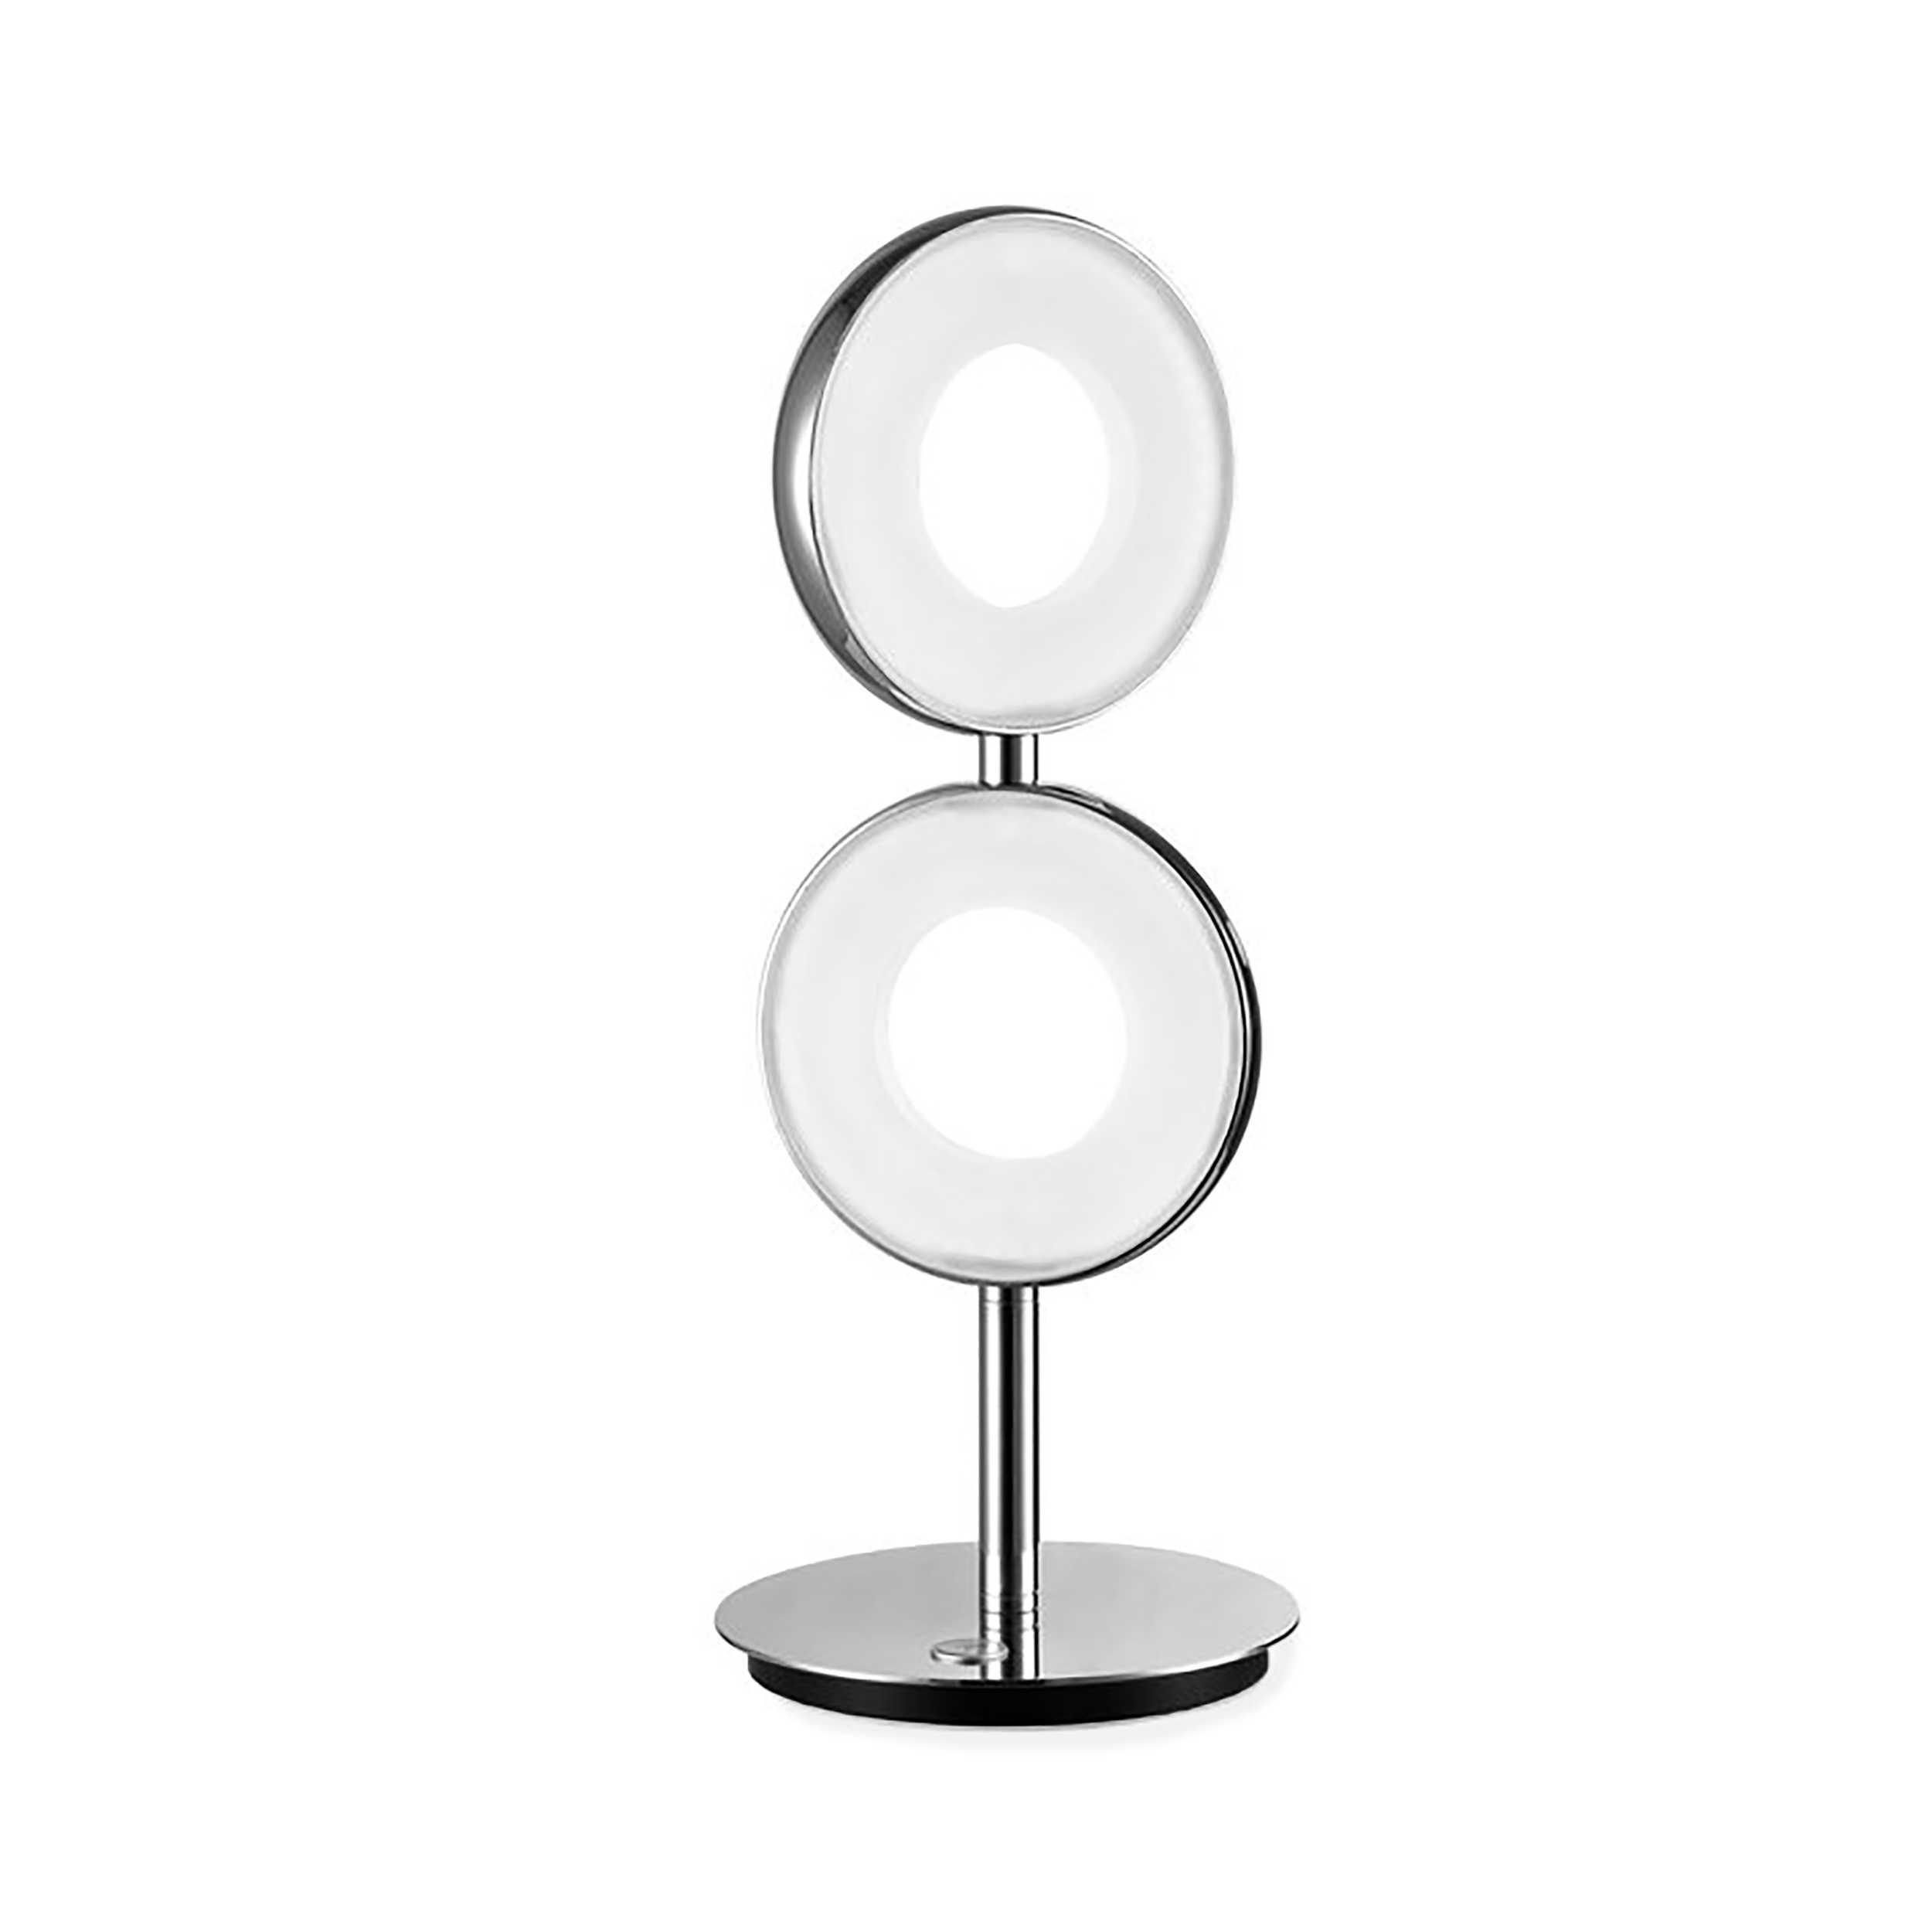 joop led tischleuchte circle a chrom alu eisen stahl metall online kaufen bei woonio. Black Bedroom Furniture Sets. Home Design Ideas